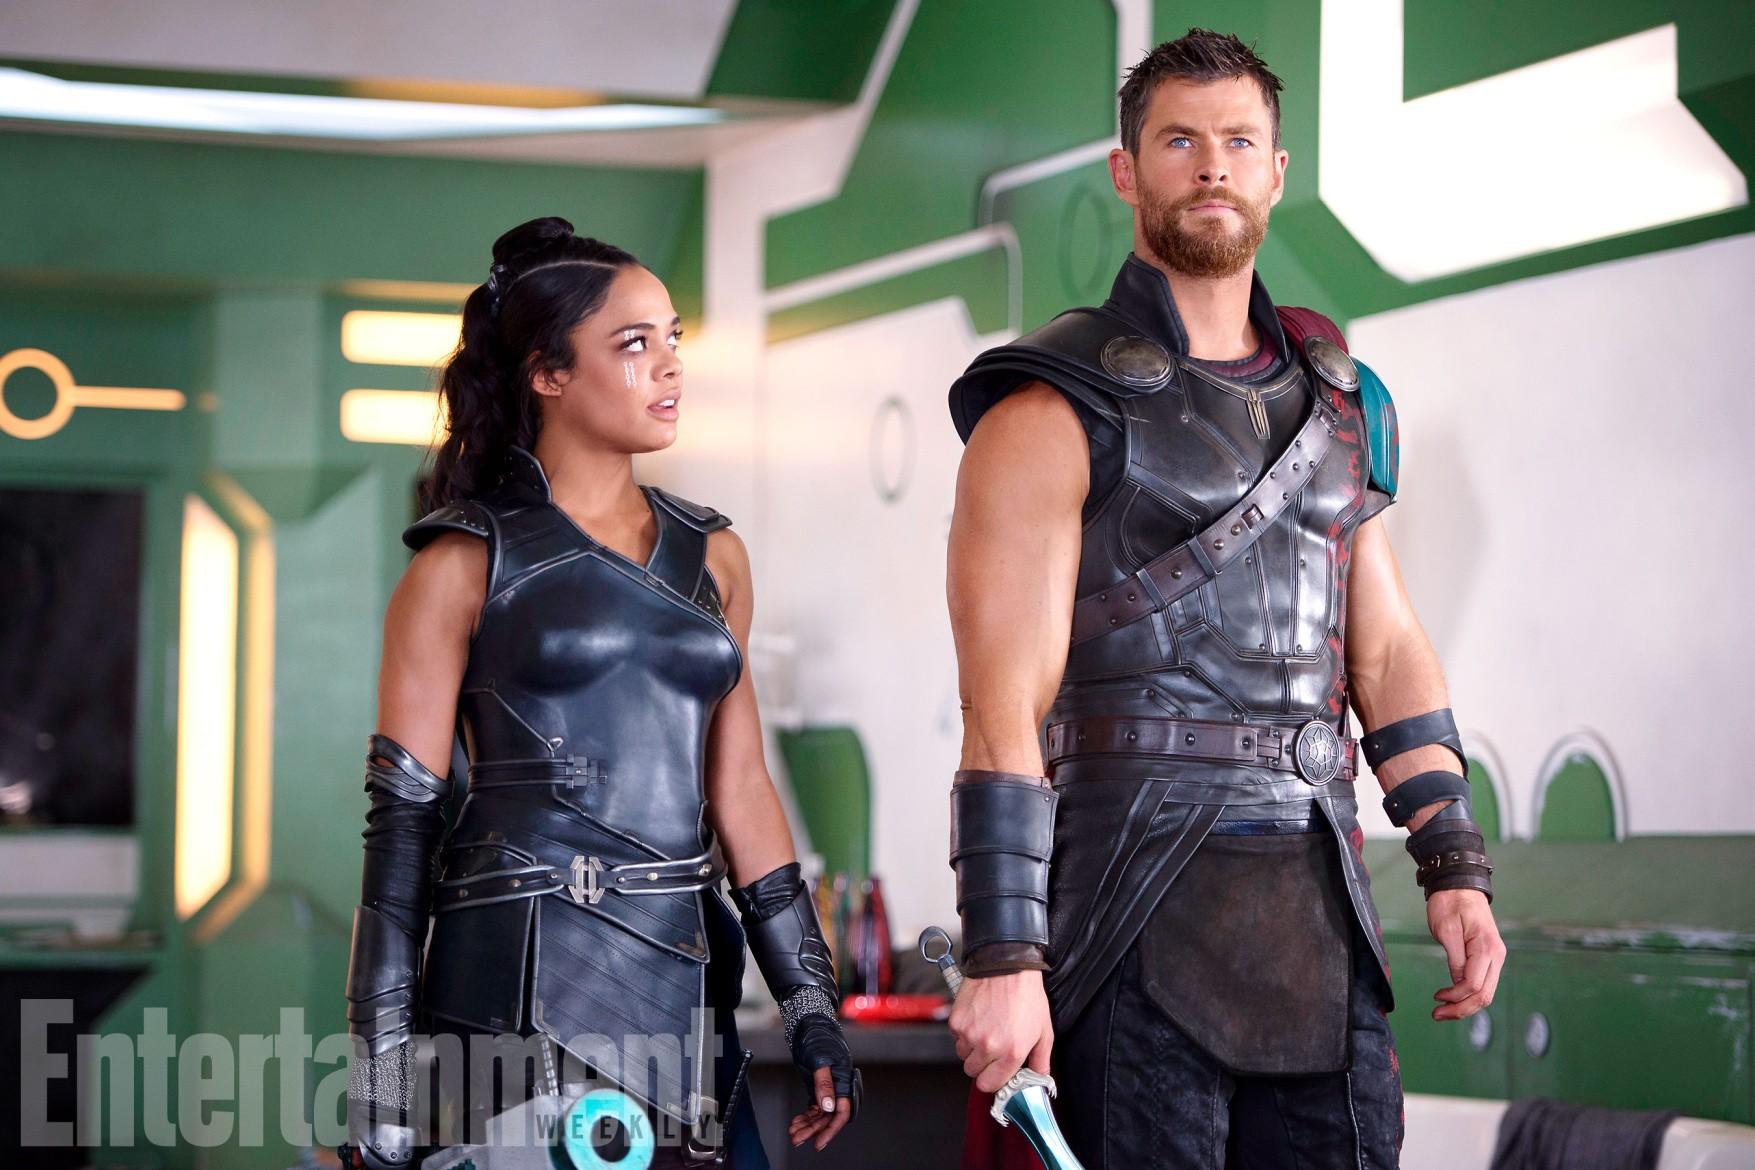 Thor de cabelos curtos em 'Ragnarok' (Foto: Reprodução/ Entertainment Weekly)